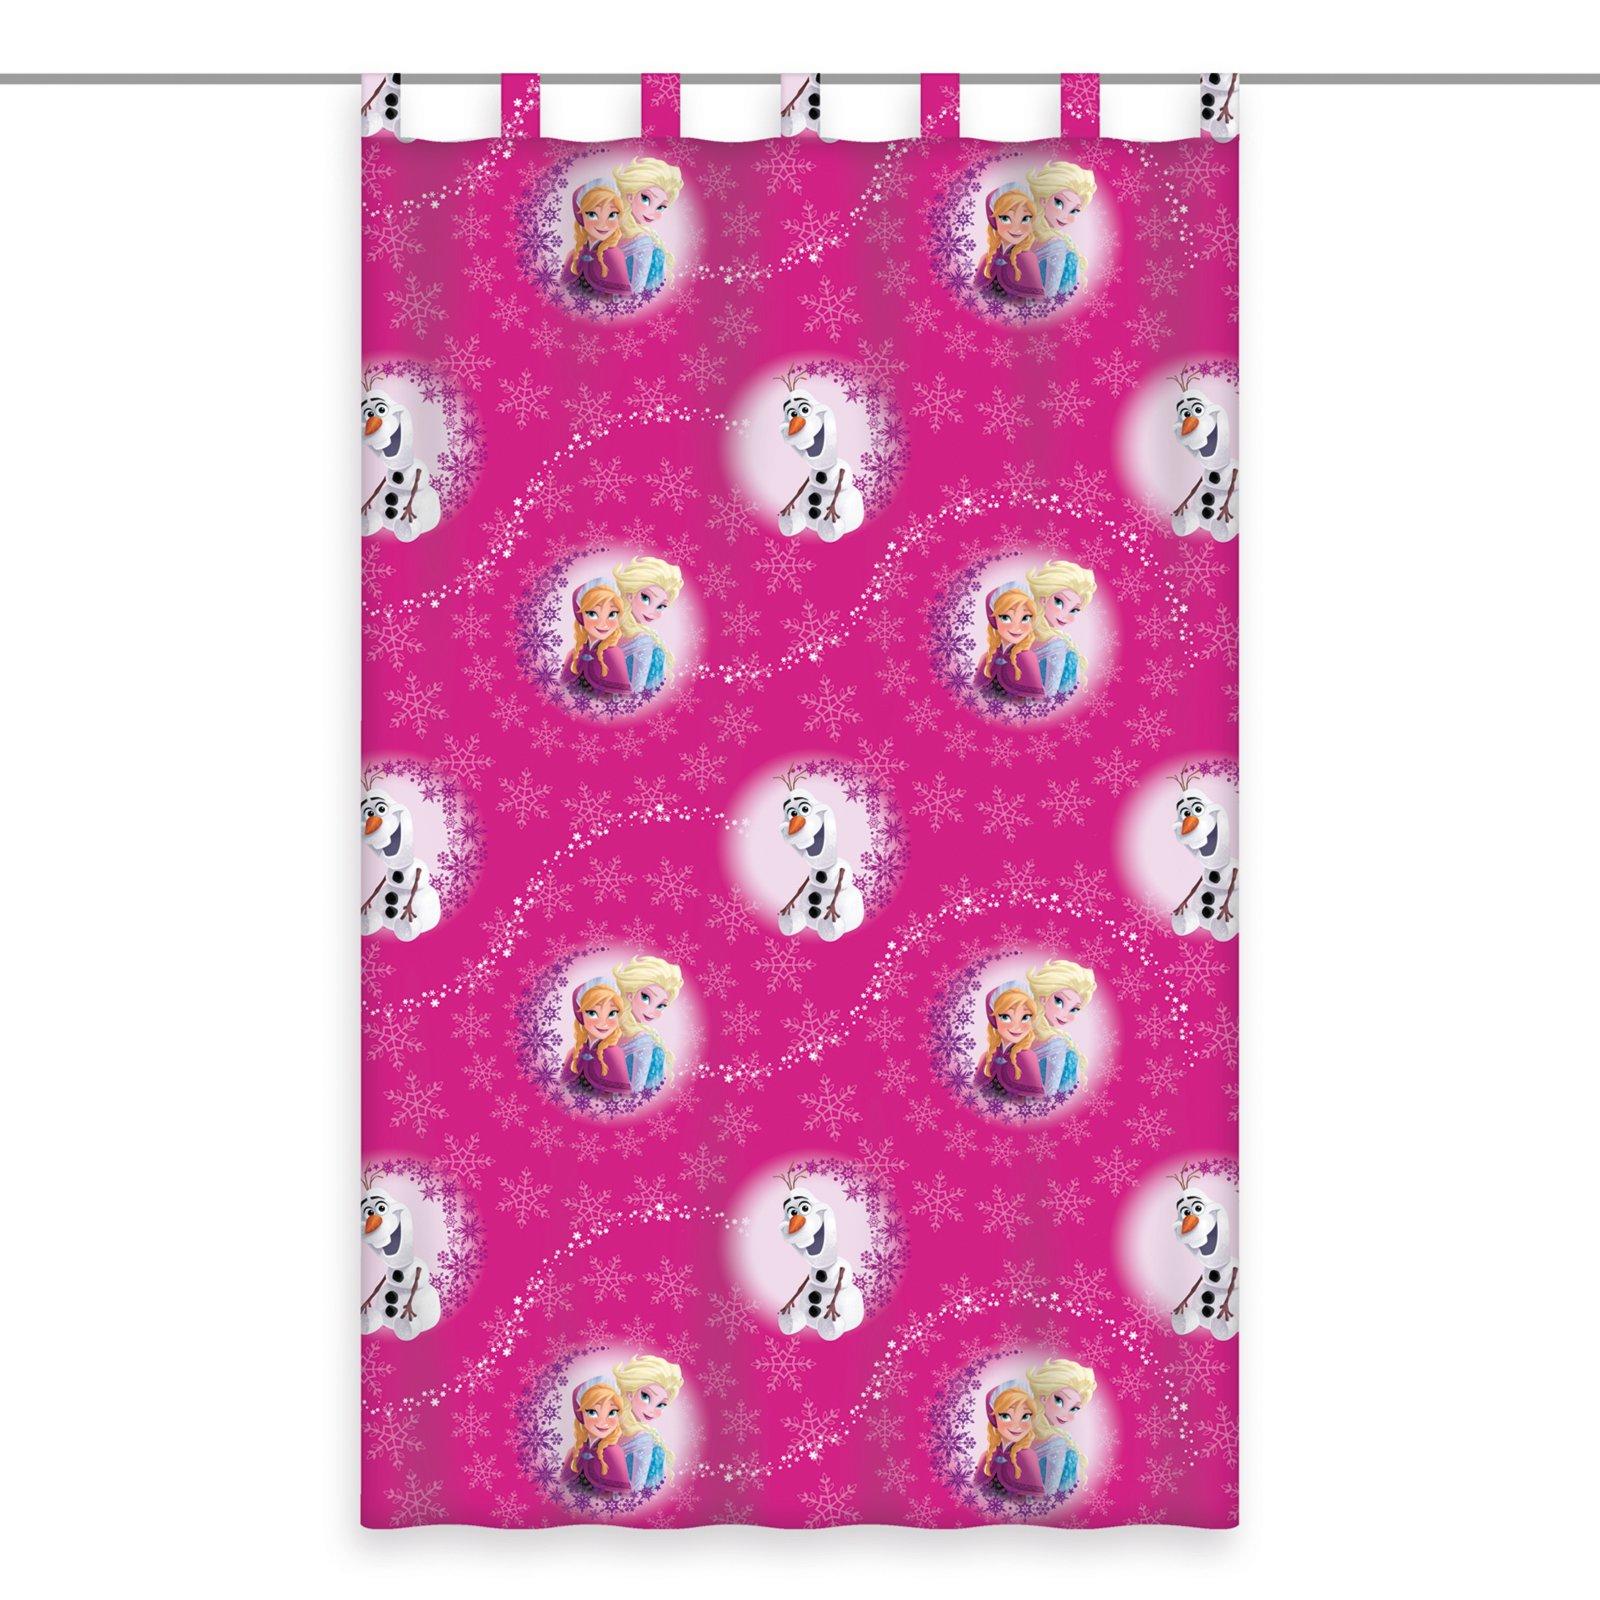 Roller schlaufenschal eisk nigin pink 140x160 cm - Kinderzimmer eiskonigin ...